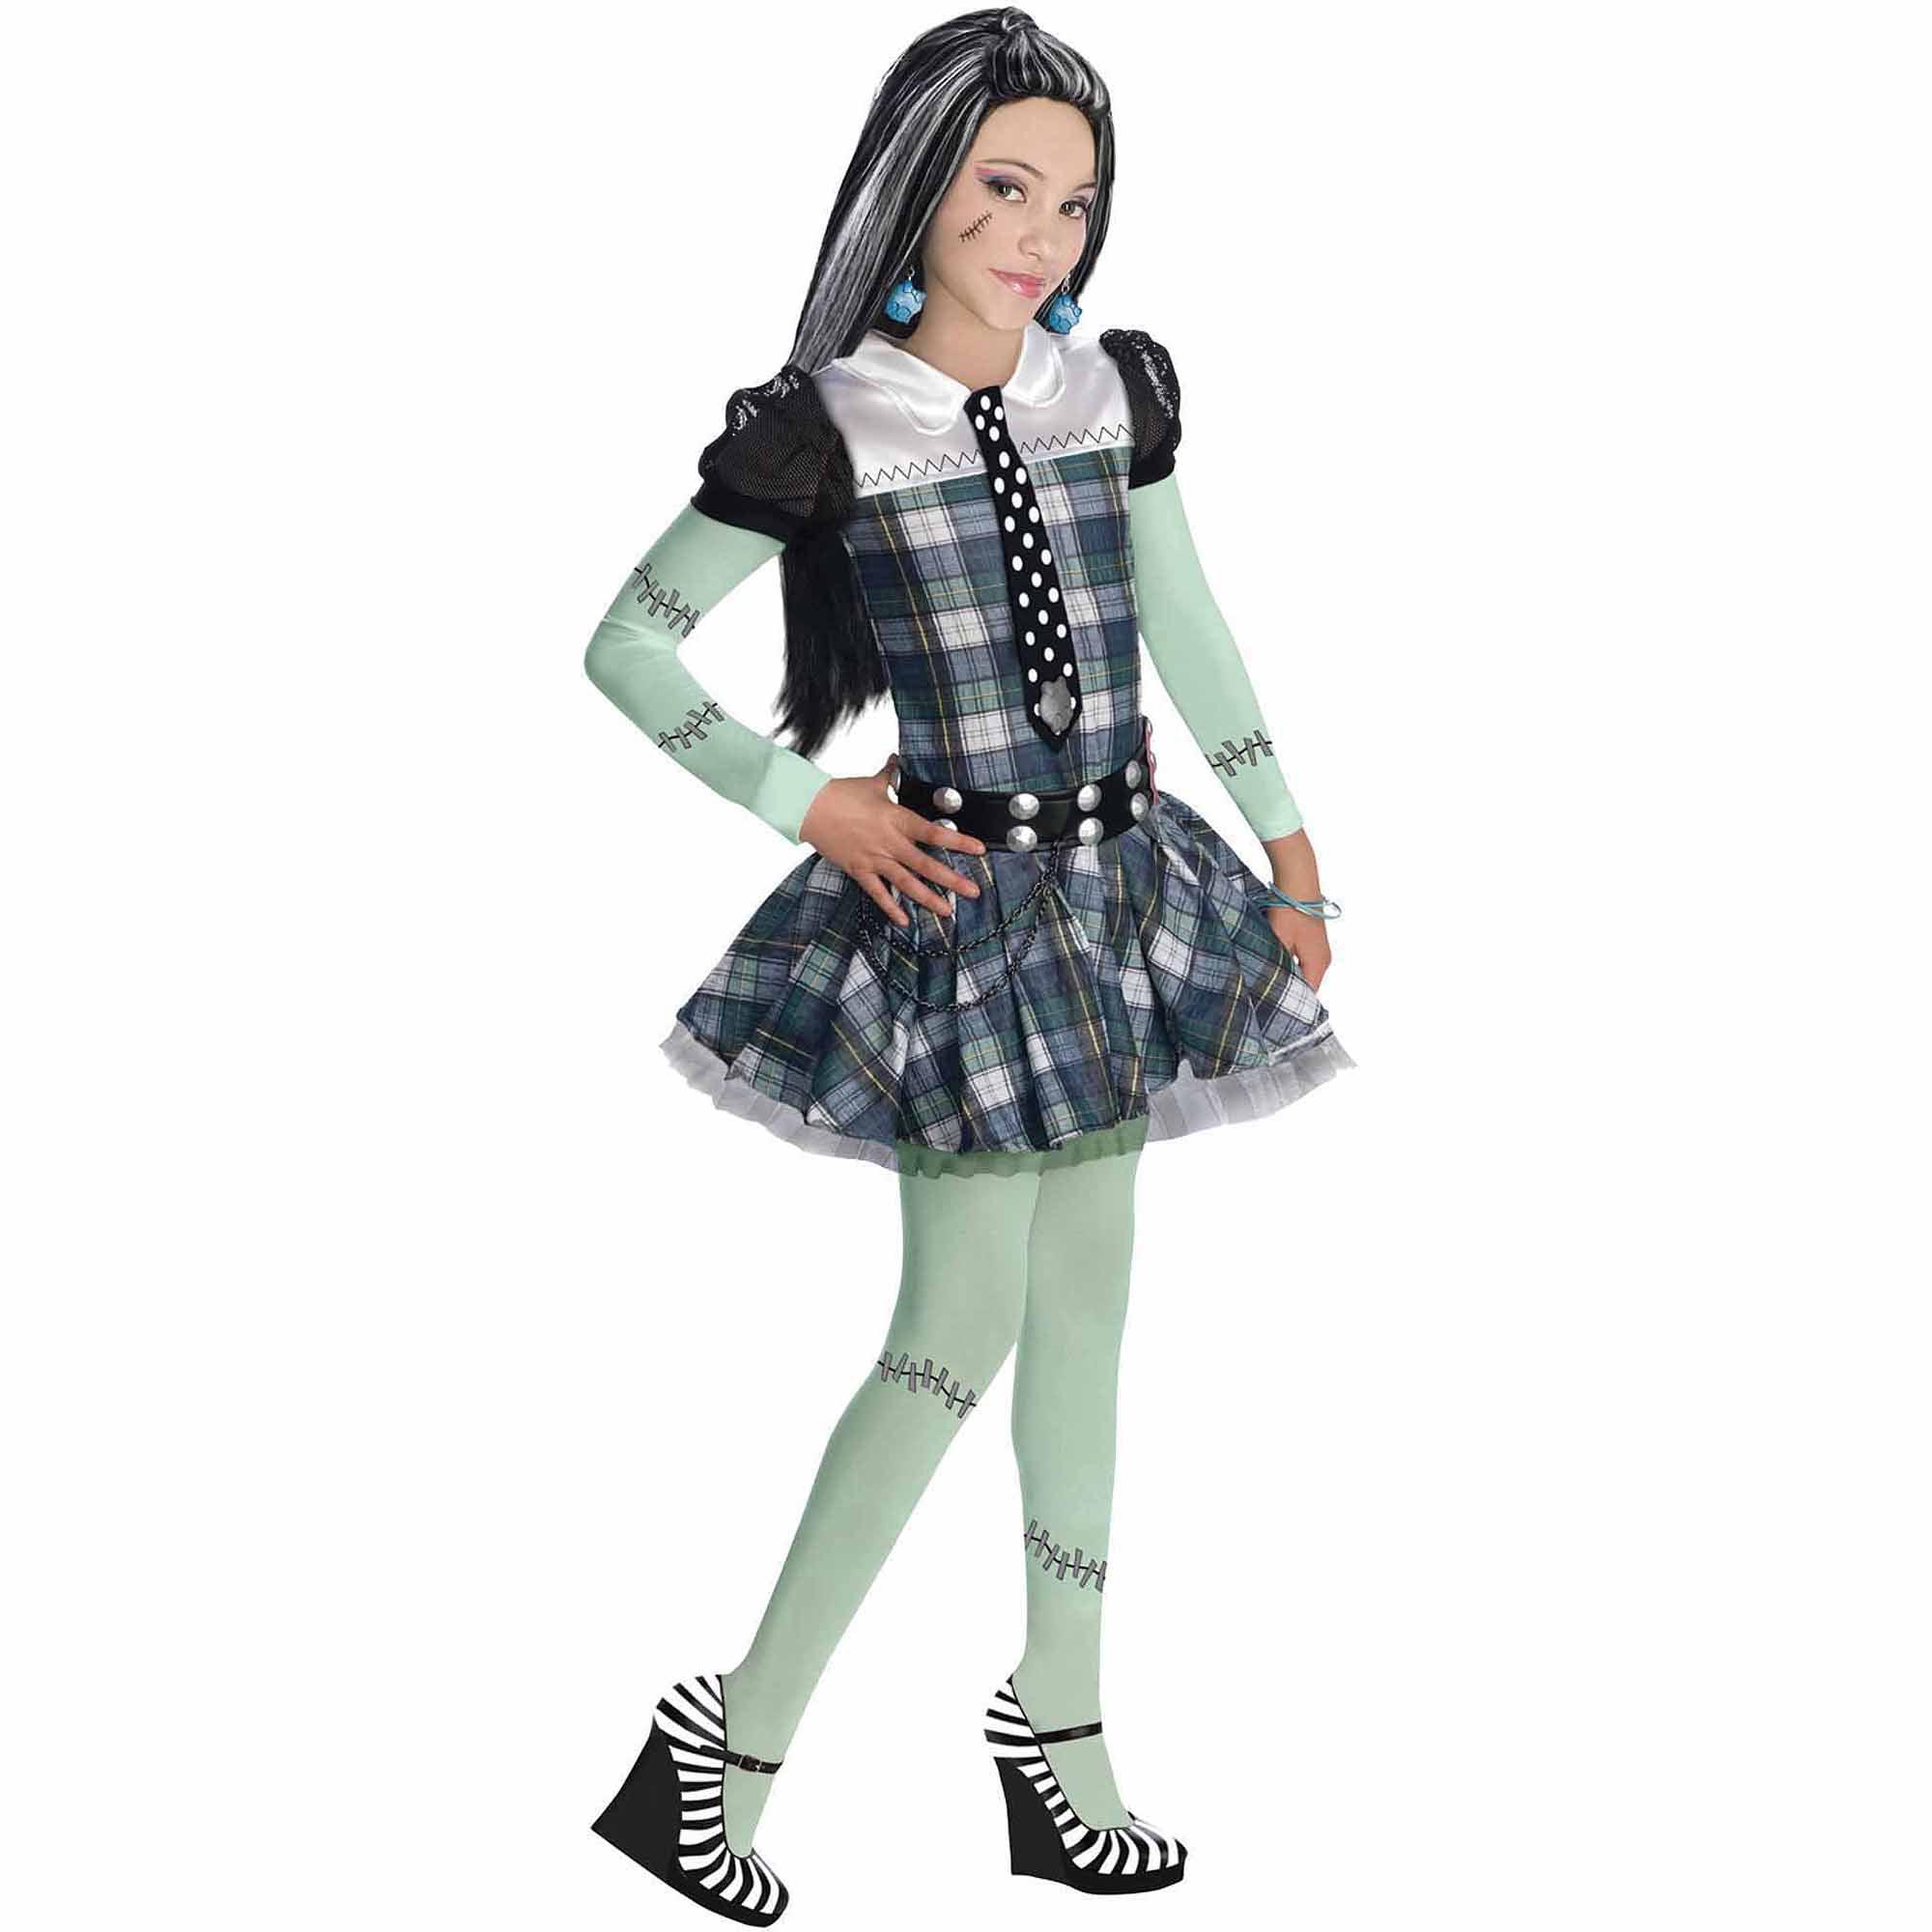 Monster High Frankie Stein Child Halloween Costume